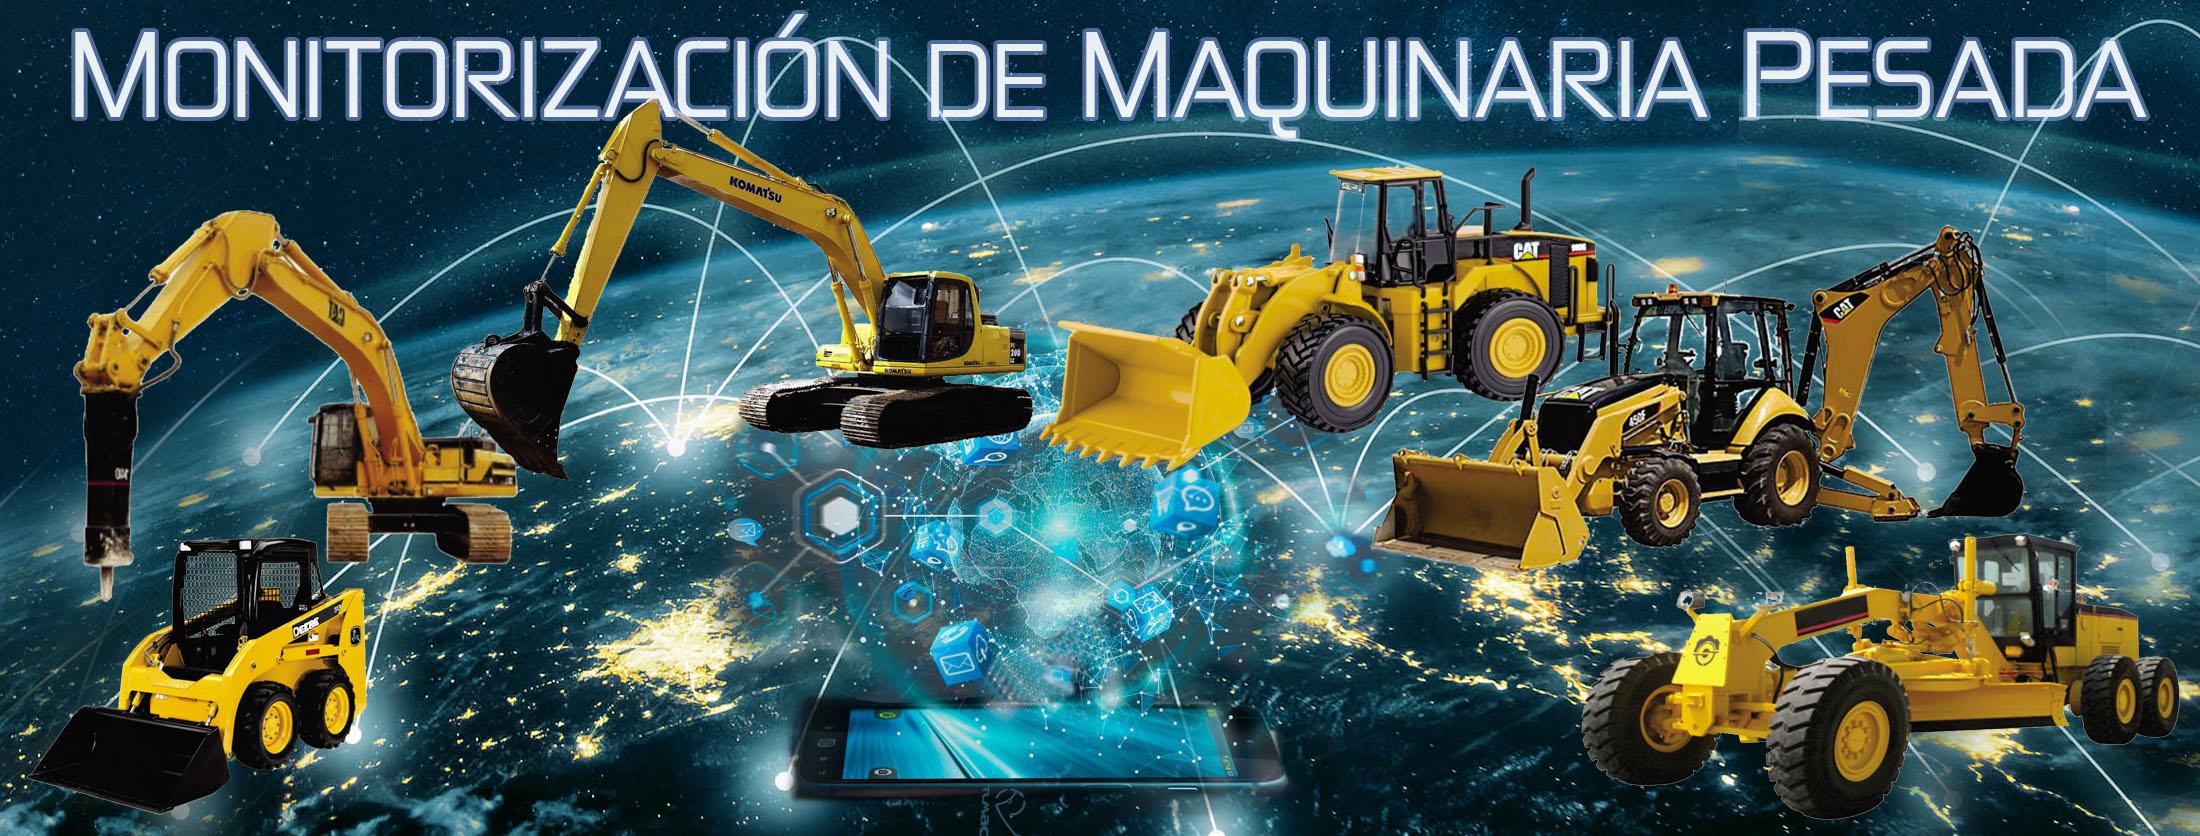 Soluciones para la monitorización de maquinaria pesada